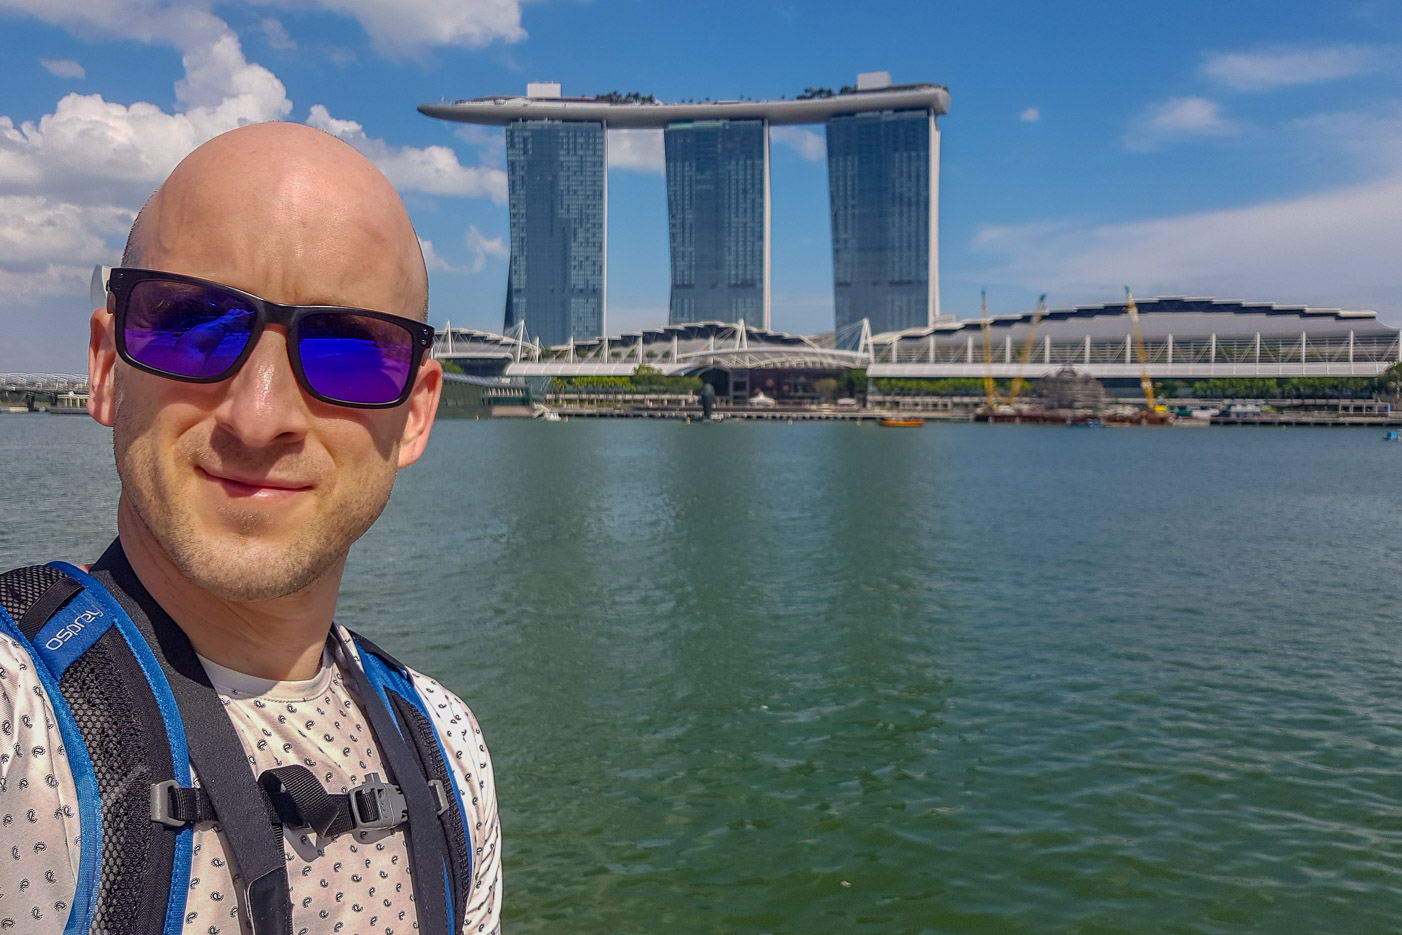 Selfie i Singapore